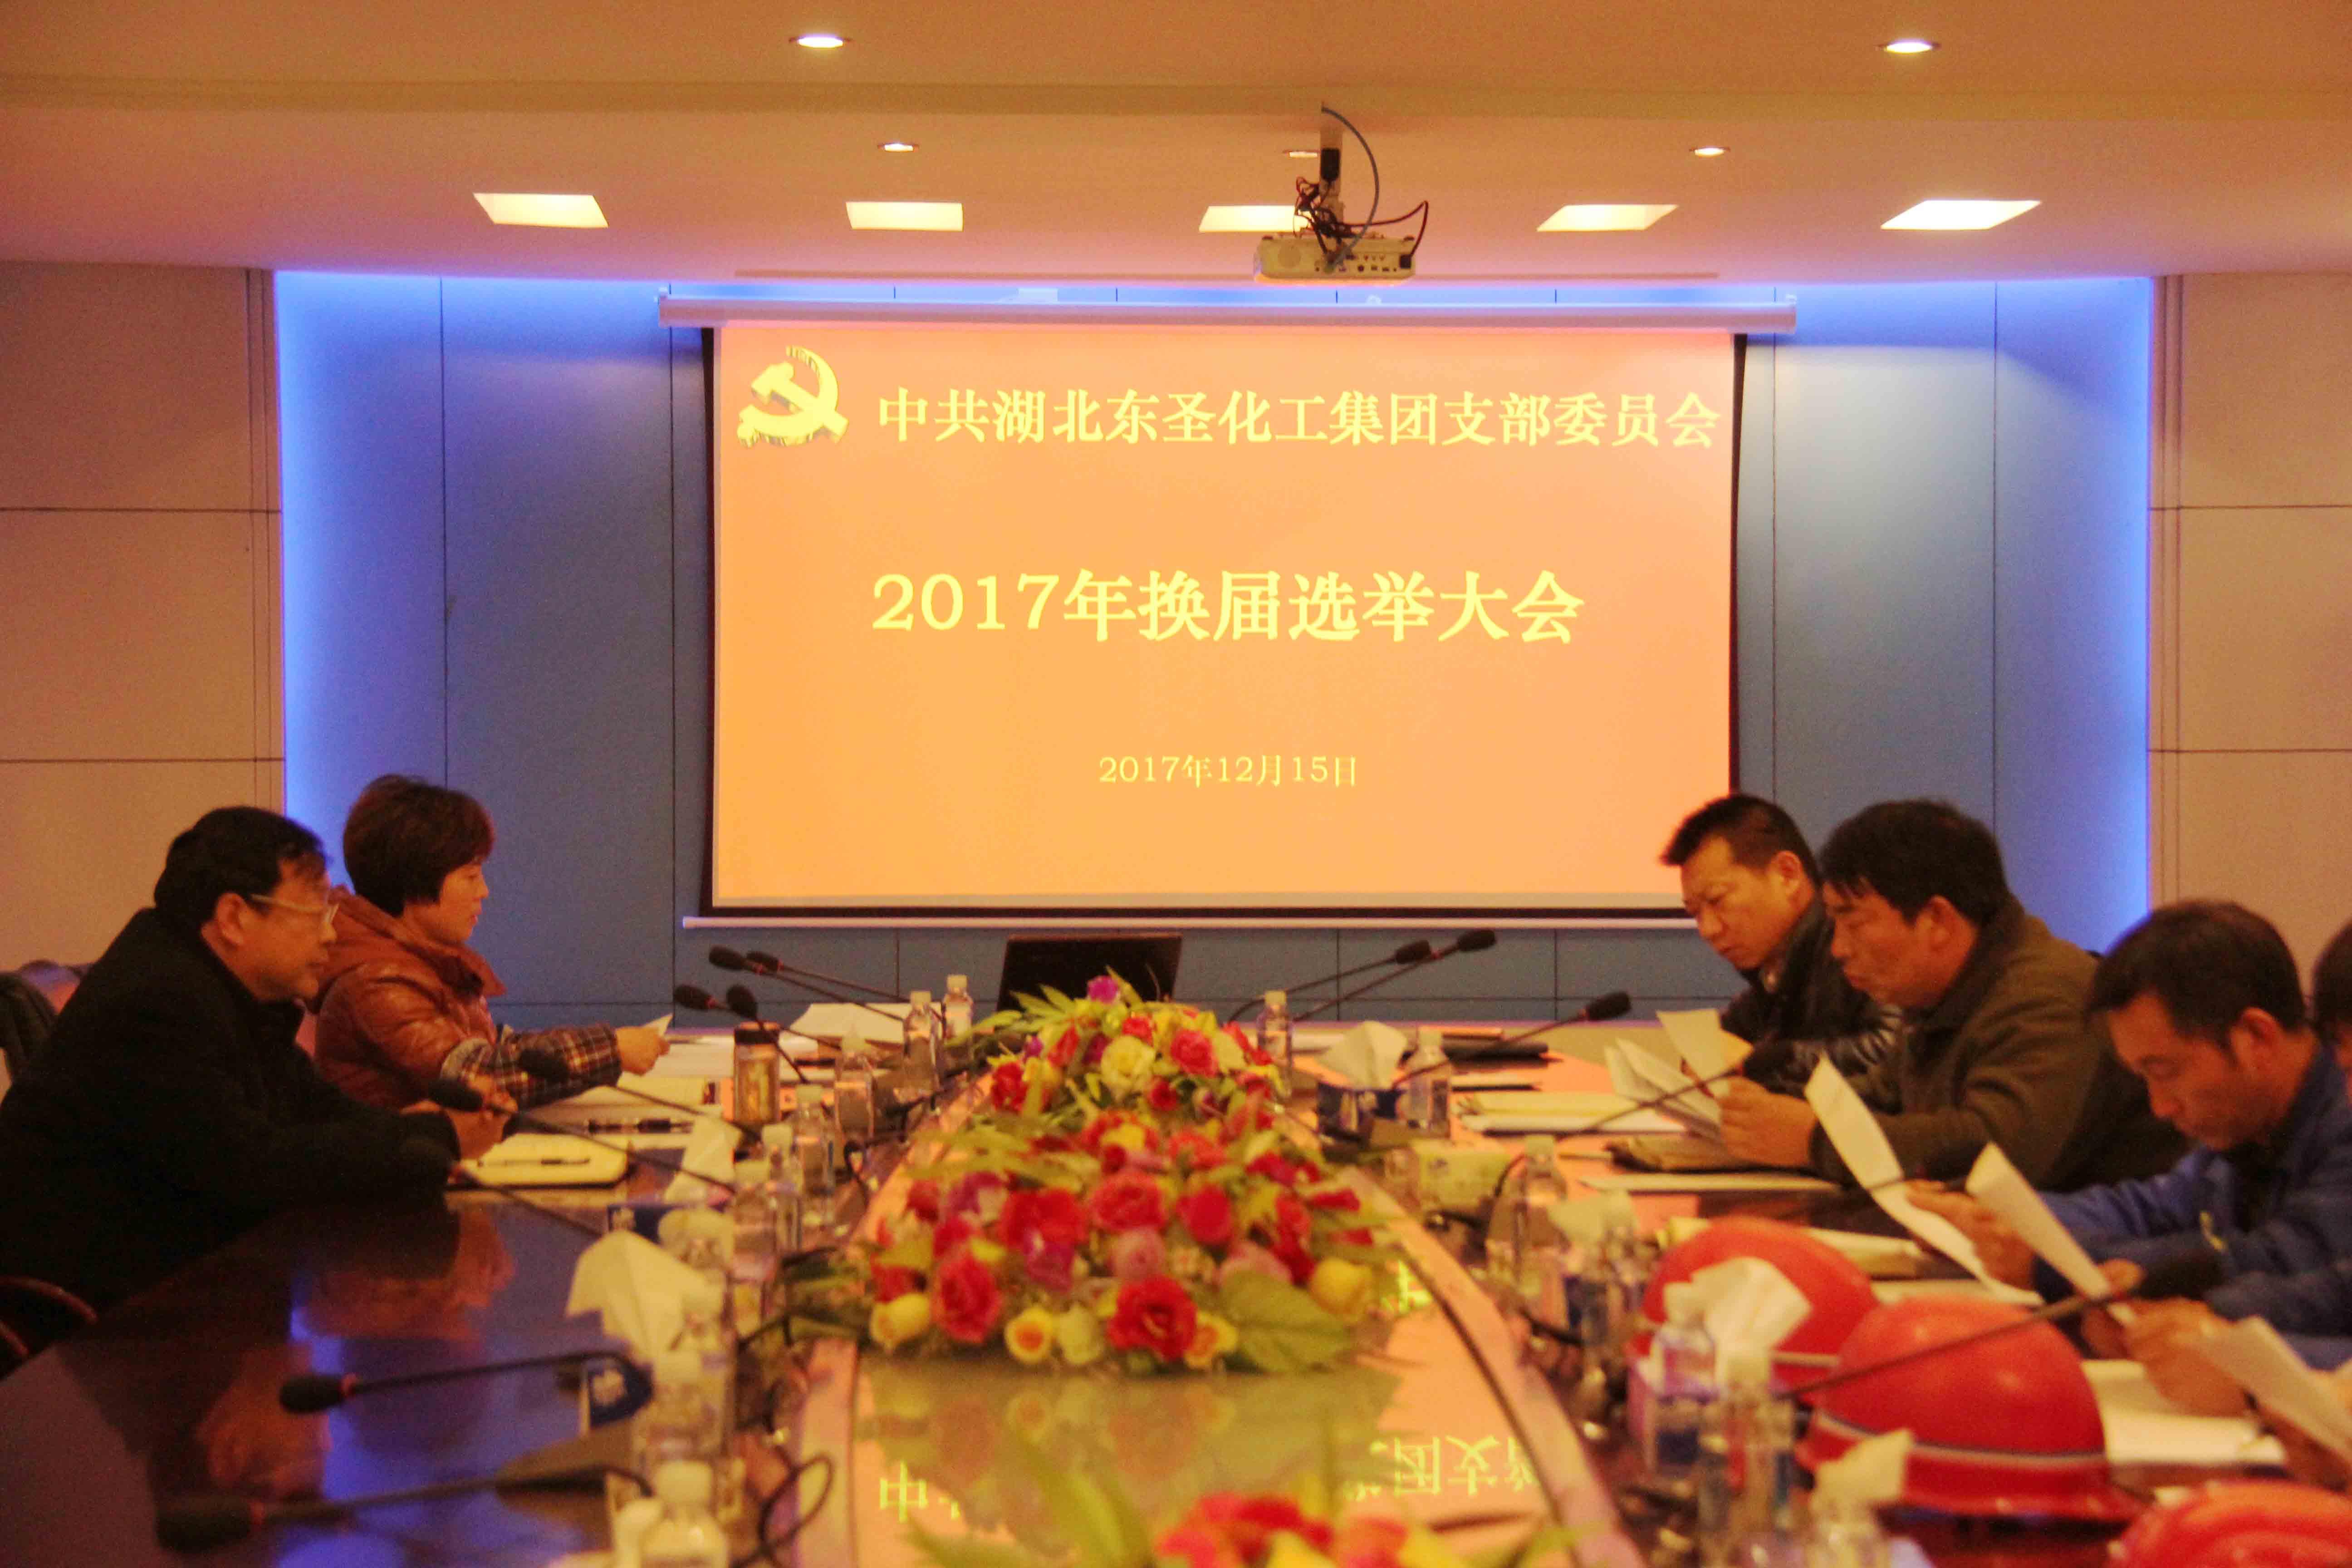 湖北乐虎国际娱乐APPlehu vip党支部成功召开2017年换届选举大会